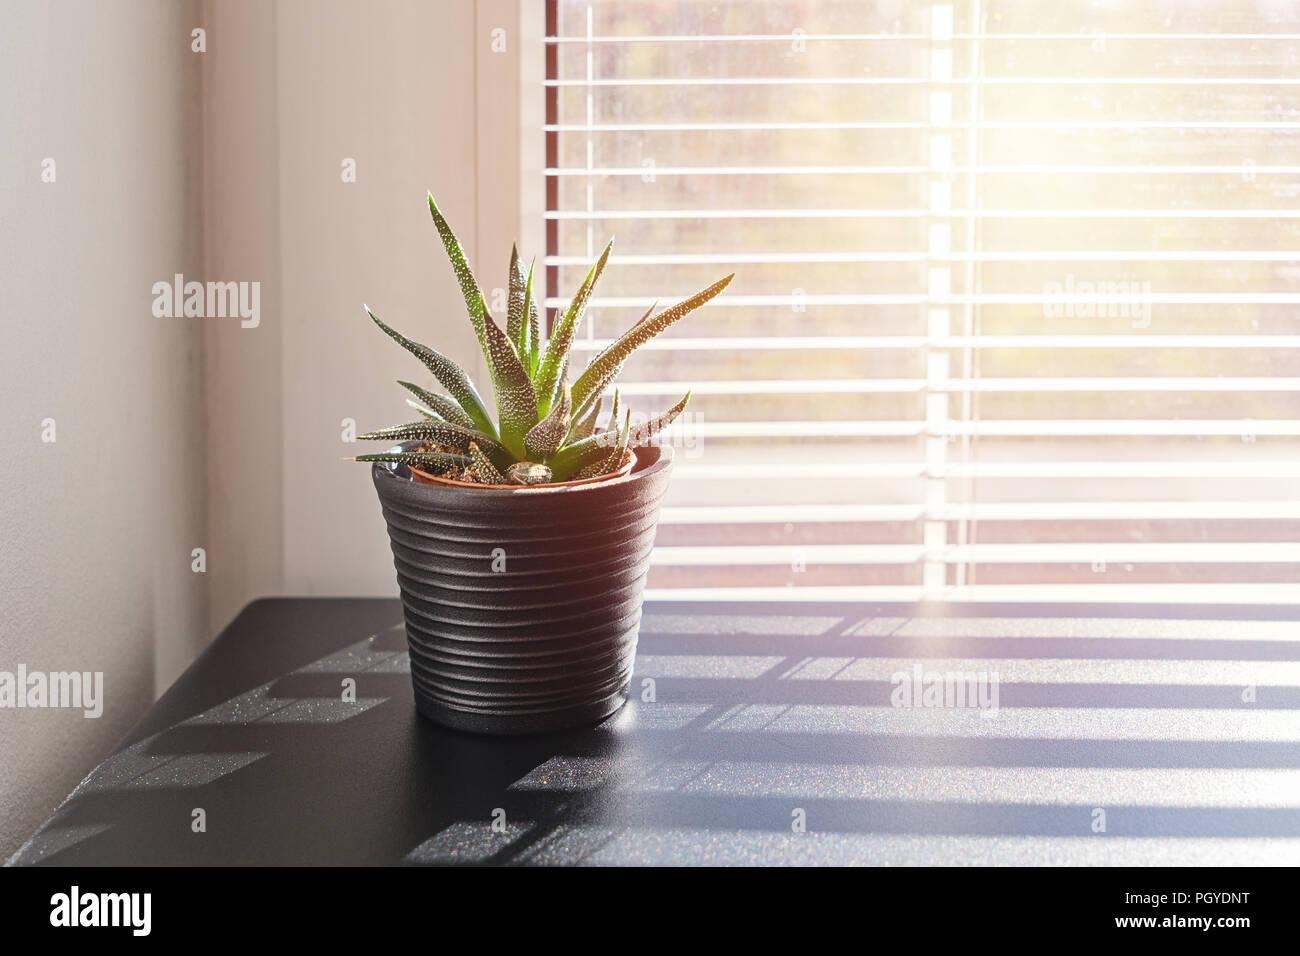 aloe succulentes cactus en petit pot sur fond de fenêtre avec stores